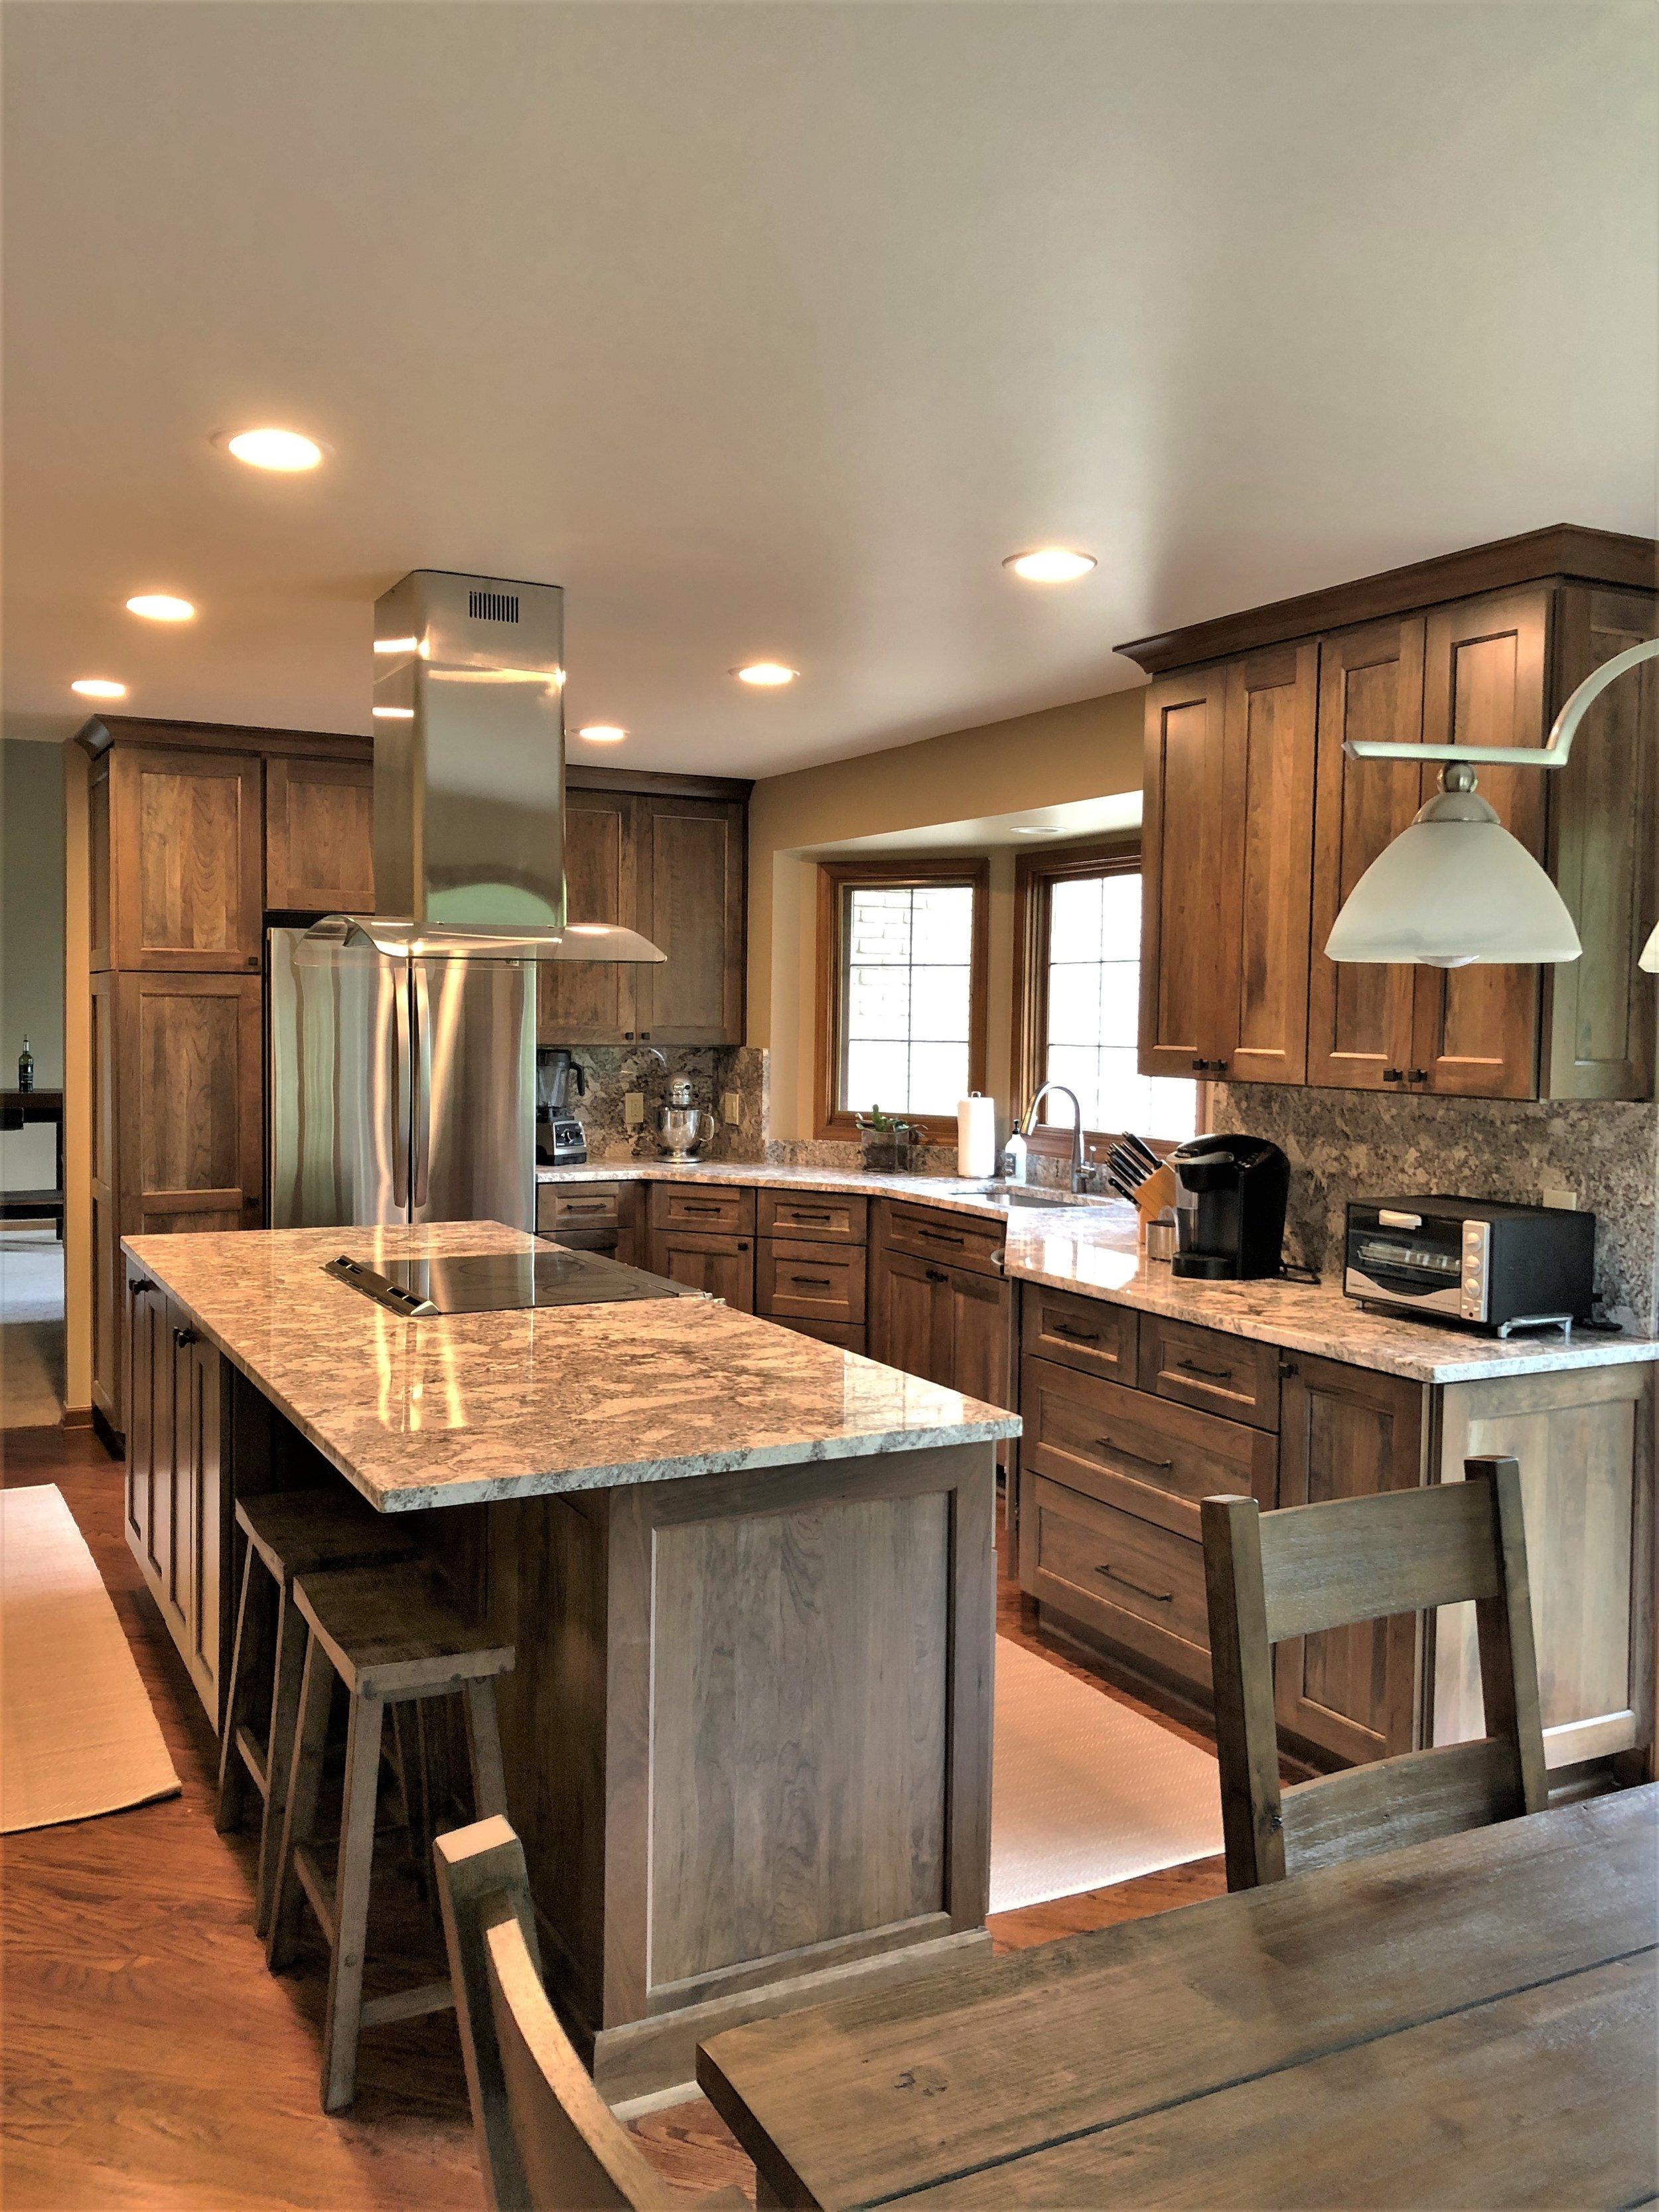 Finished kitchen remodel copy.jpg